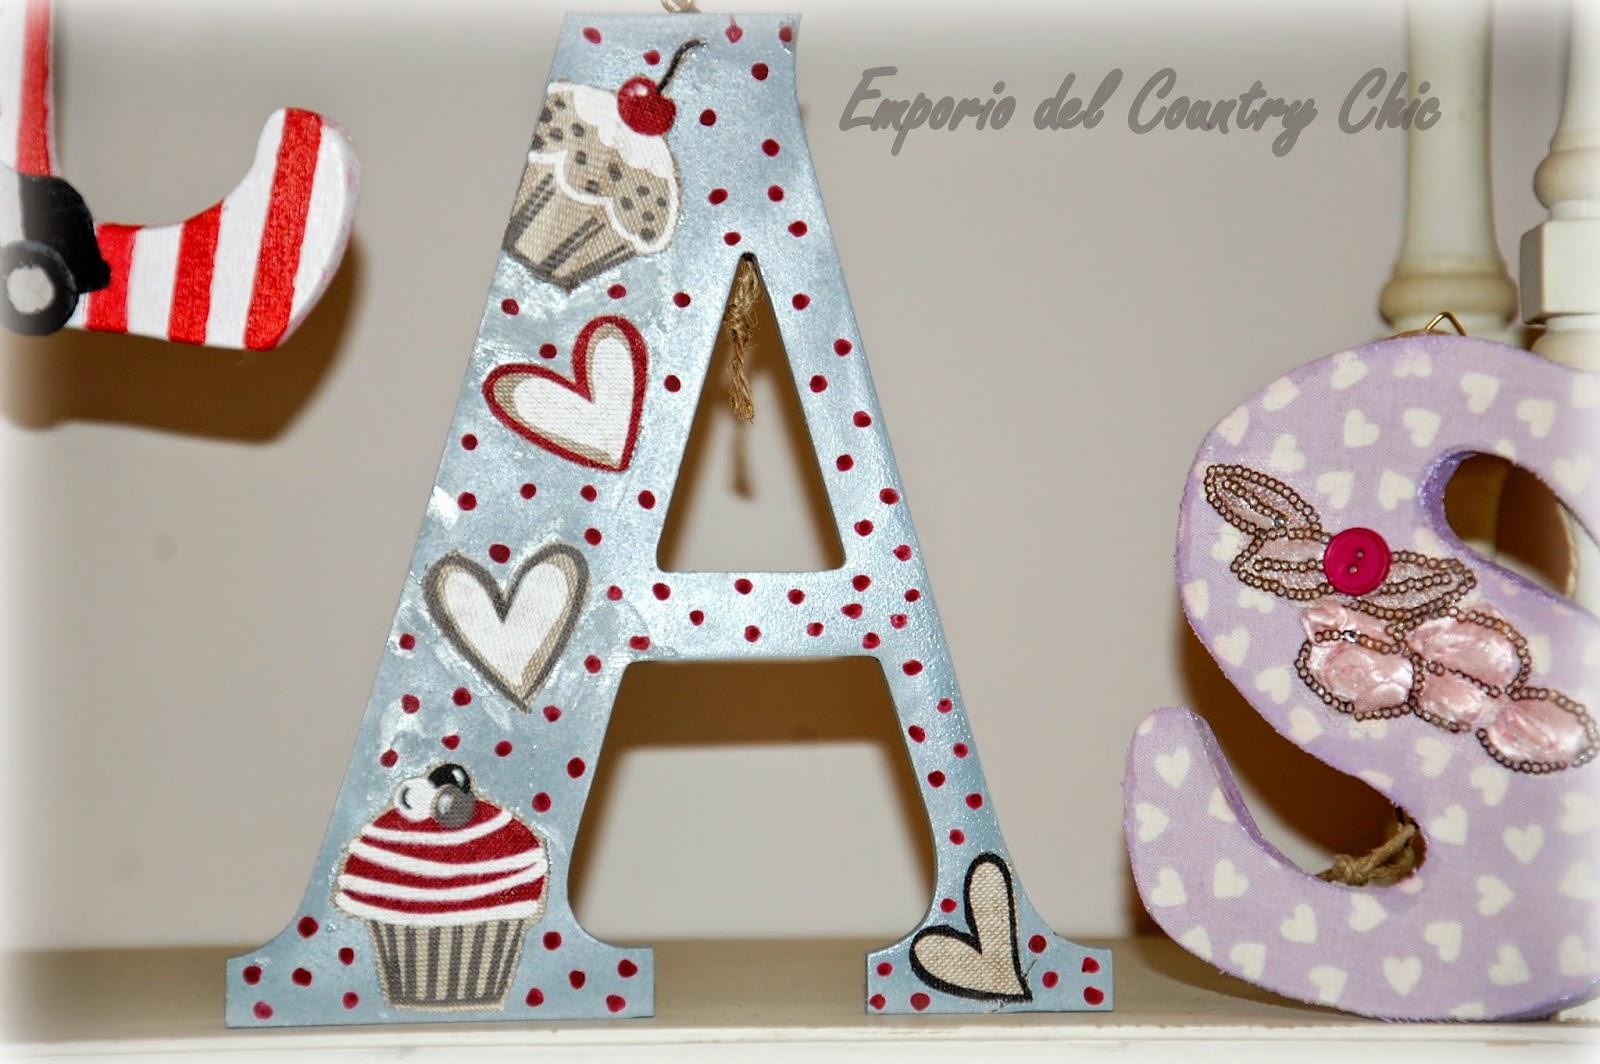 Lettere Di Legno Colorate : Piccolo angolo country lettere e nomi in legno decorati wooden